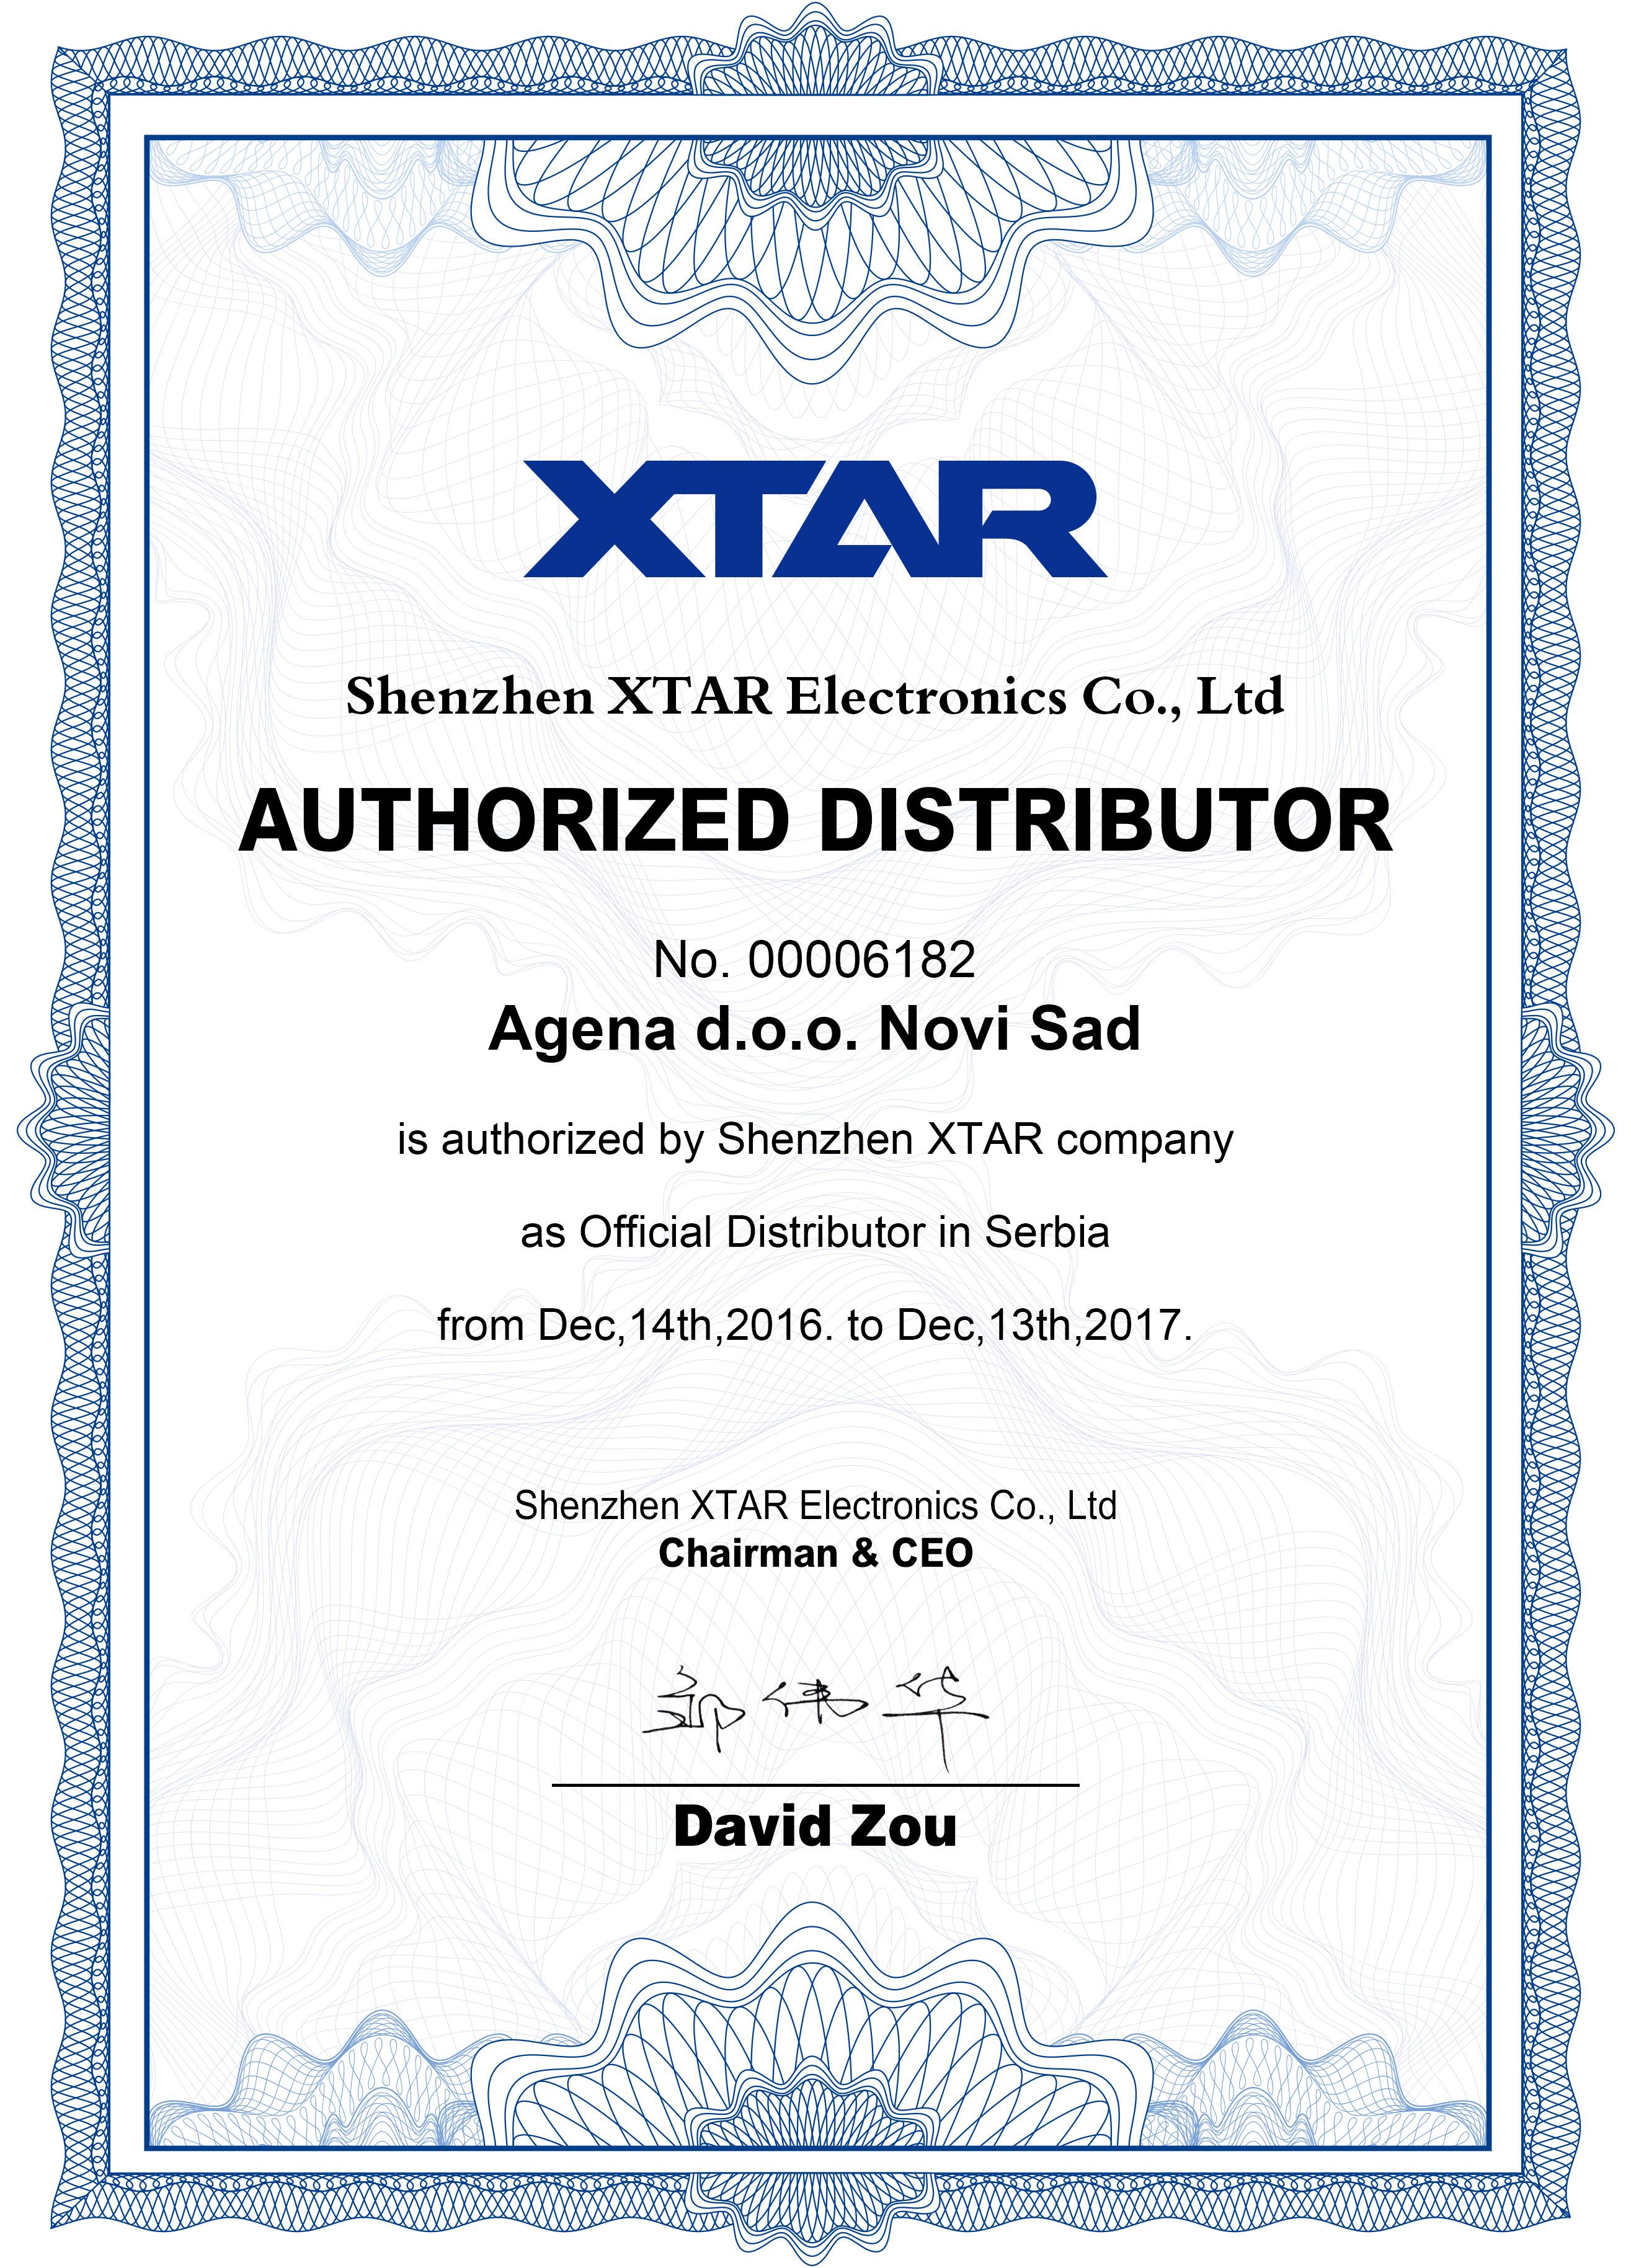 XTAR sertifikat